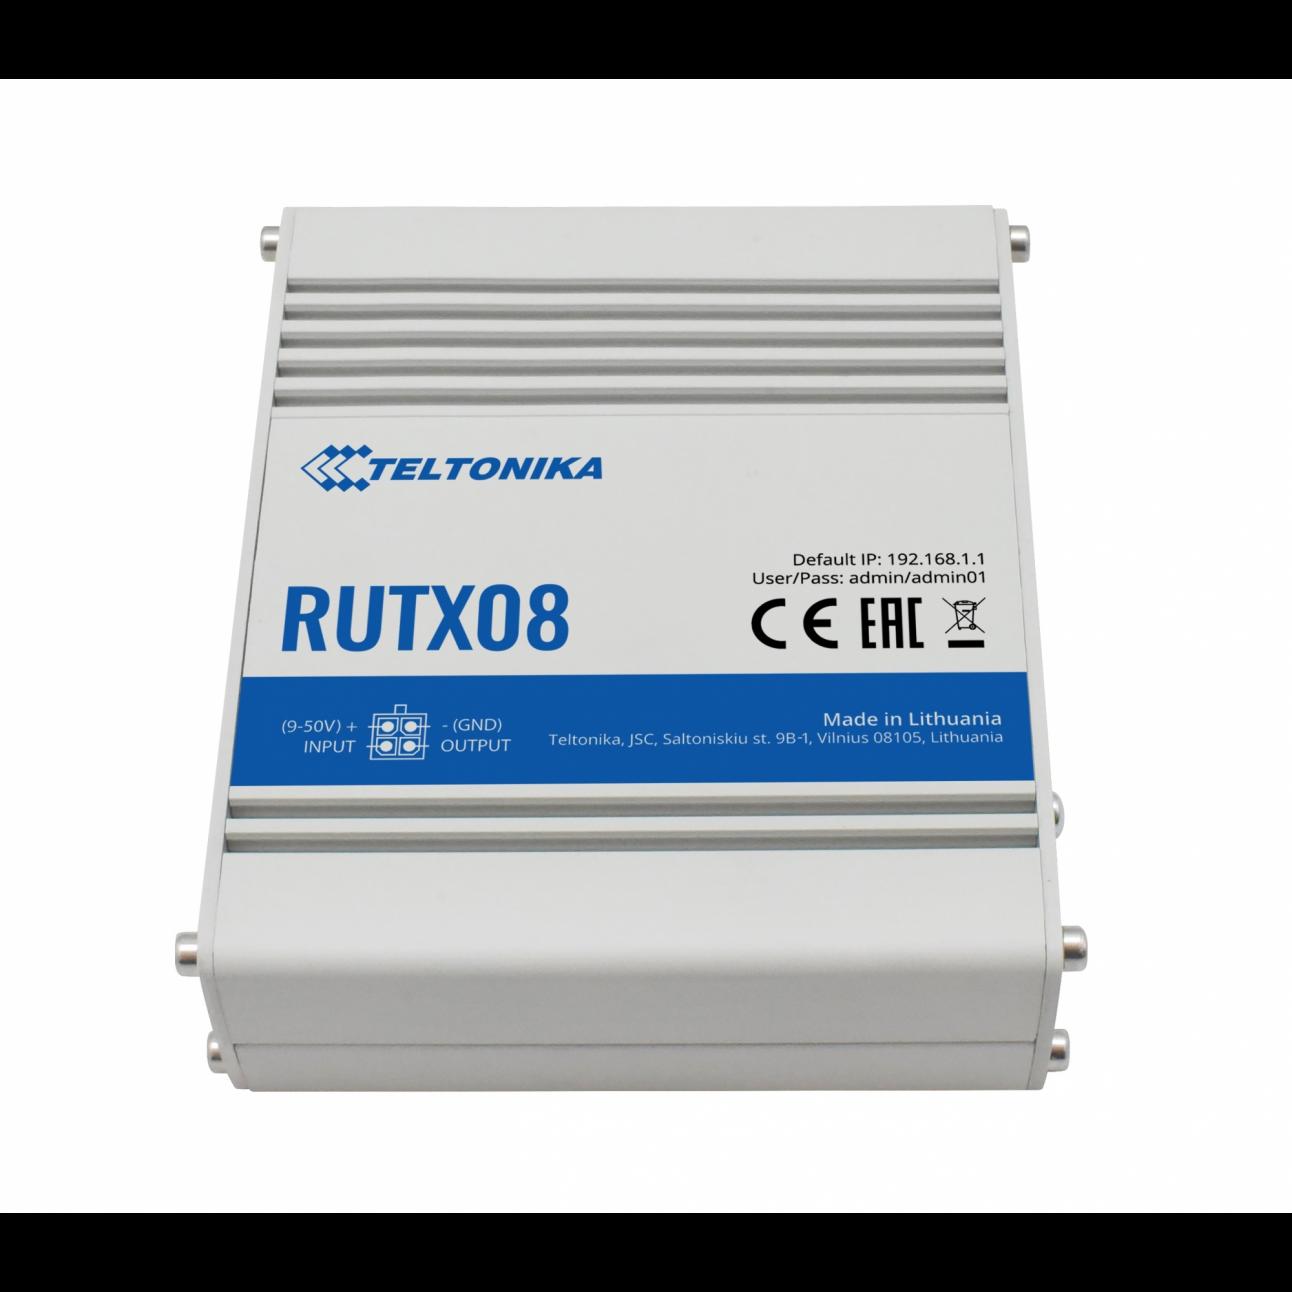 Промышленный маршрутизатор Teltonika RUTX08